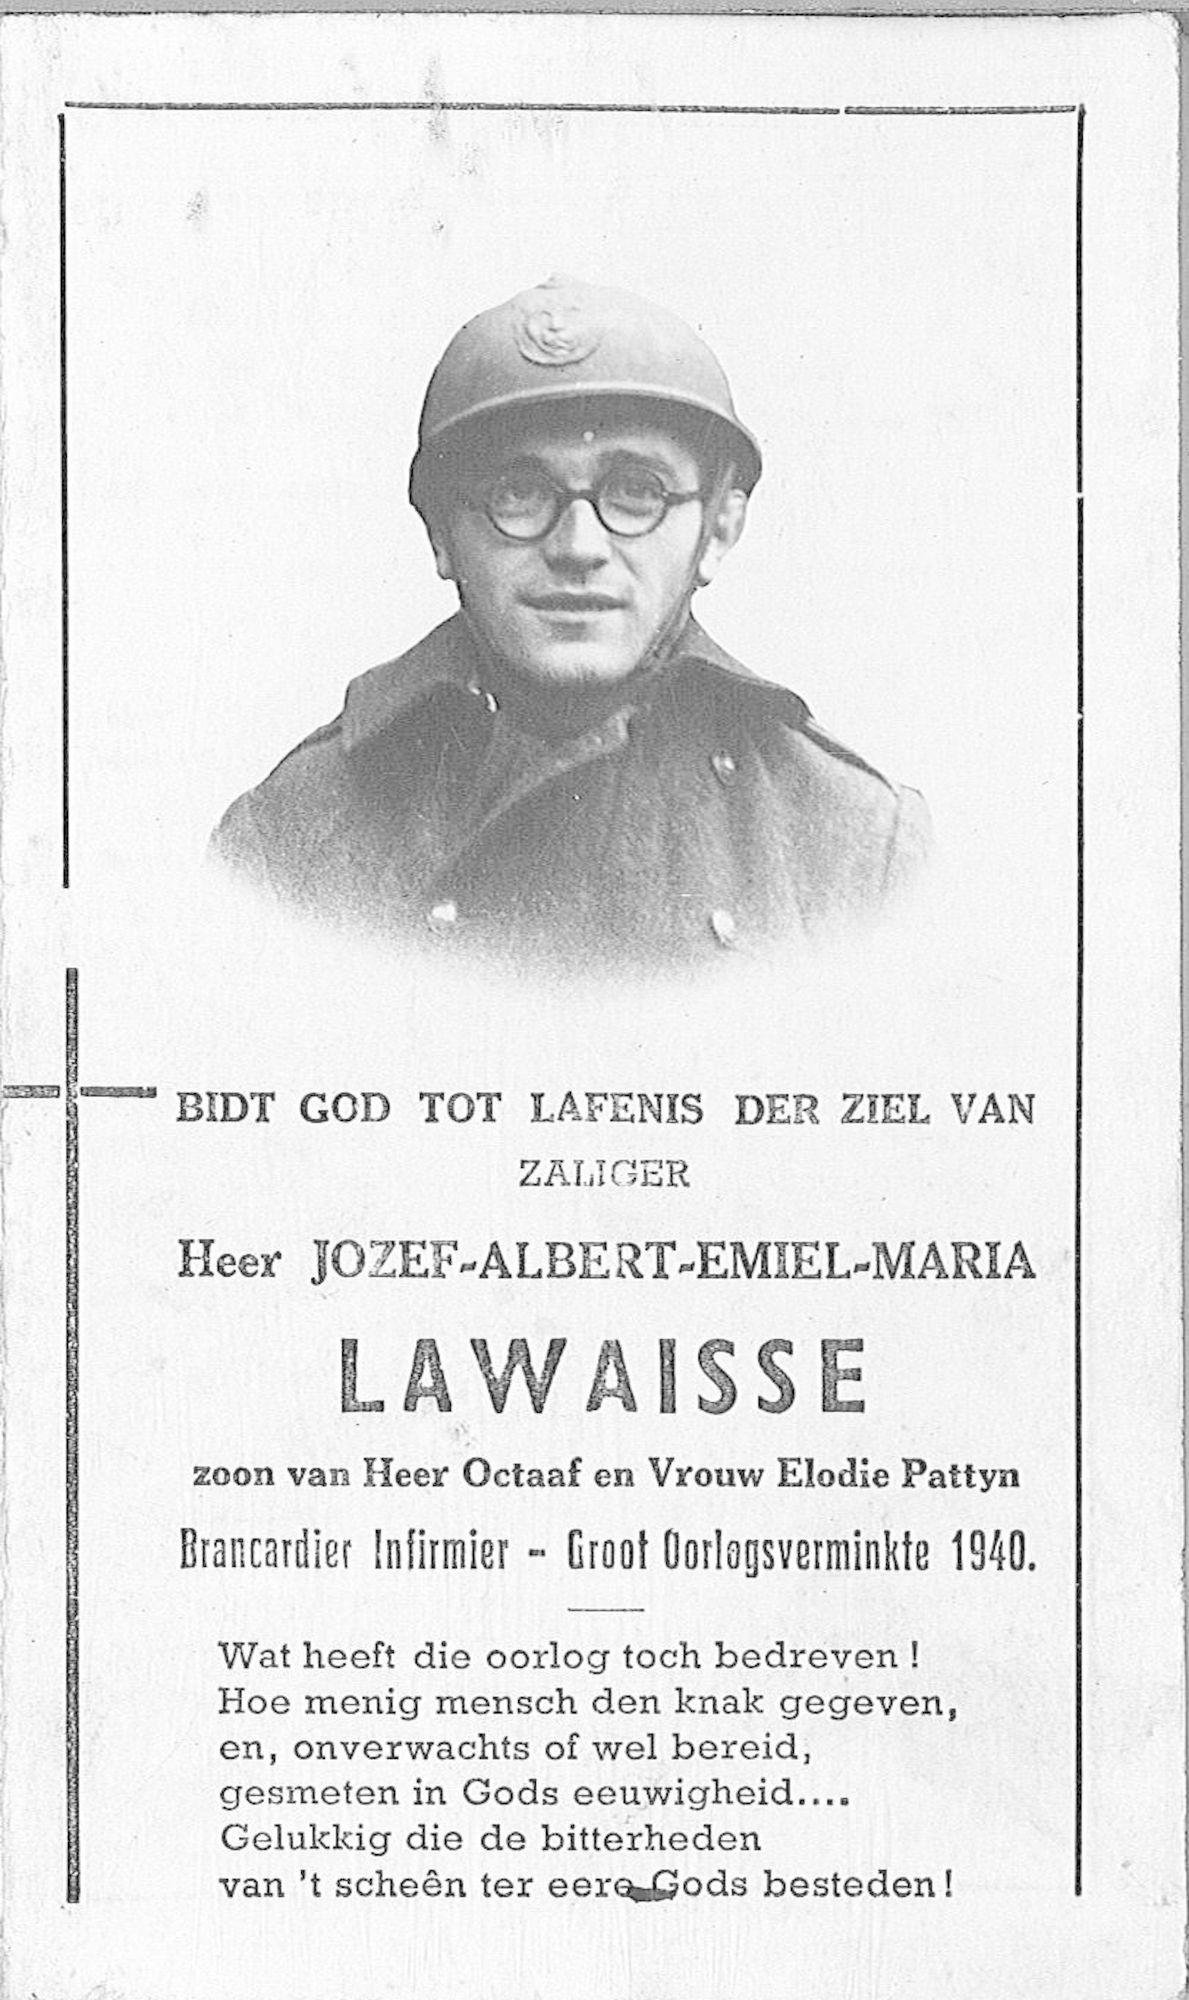 Jozef-Albert-Emiel-Maria Lawaisse